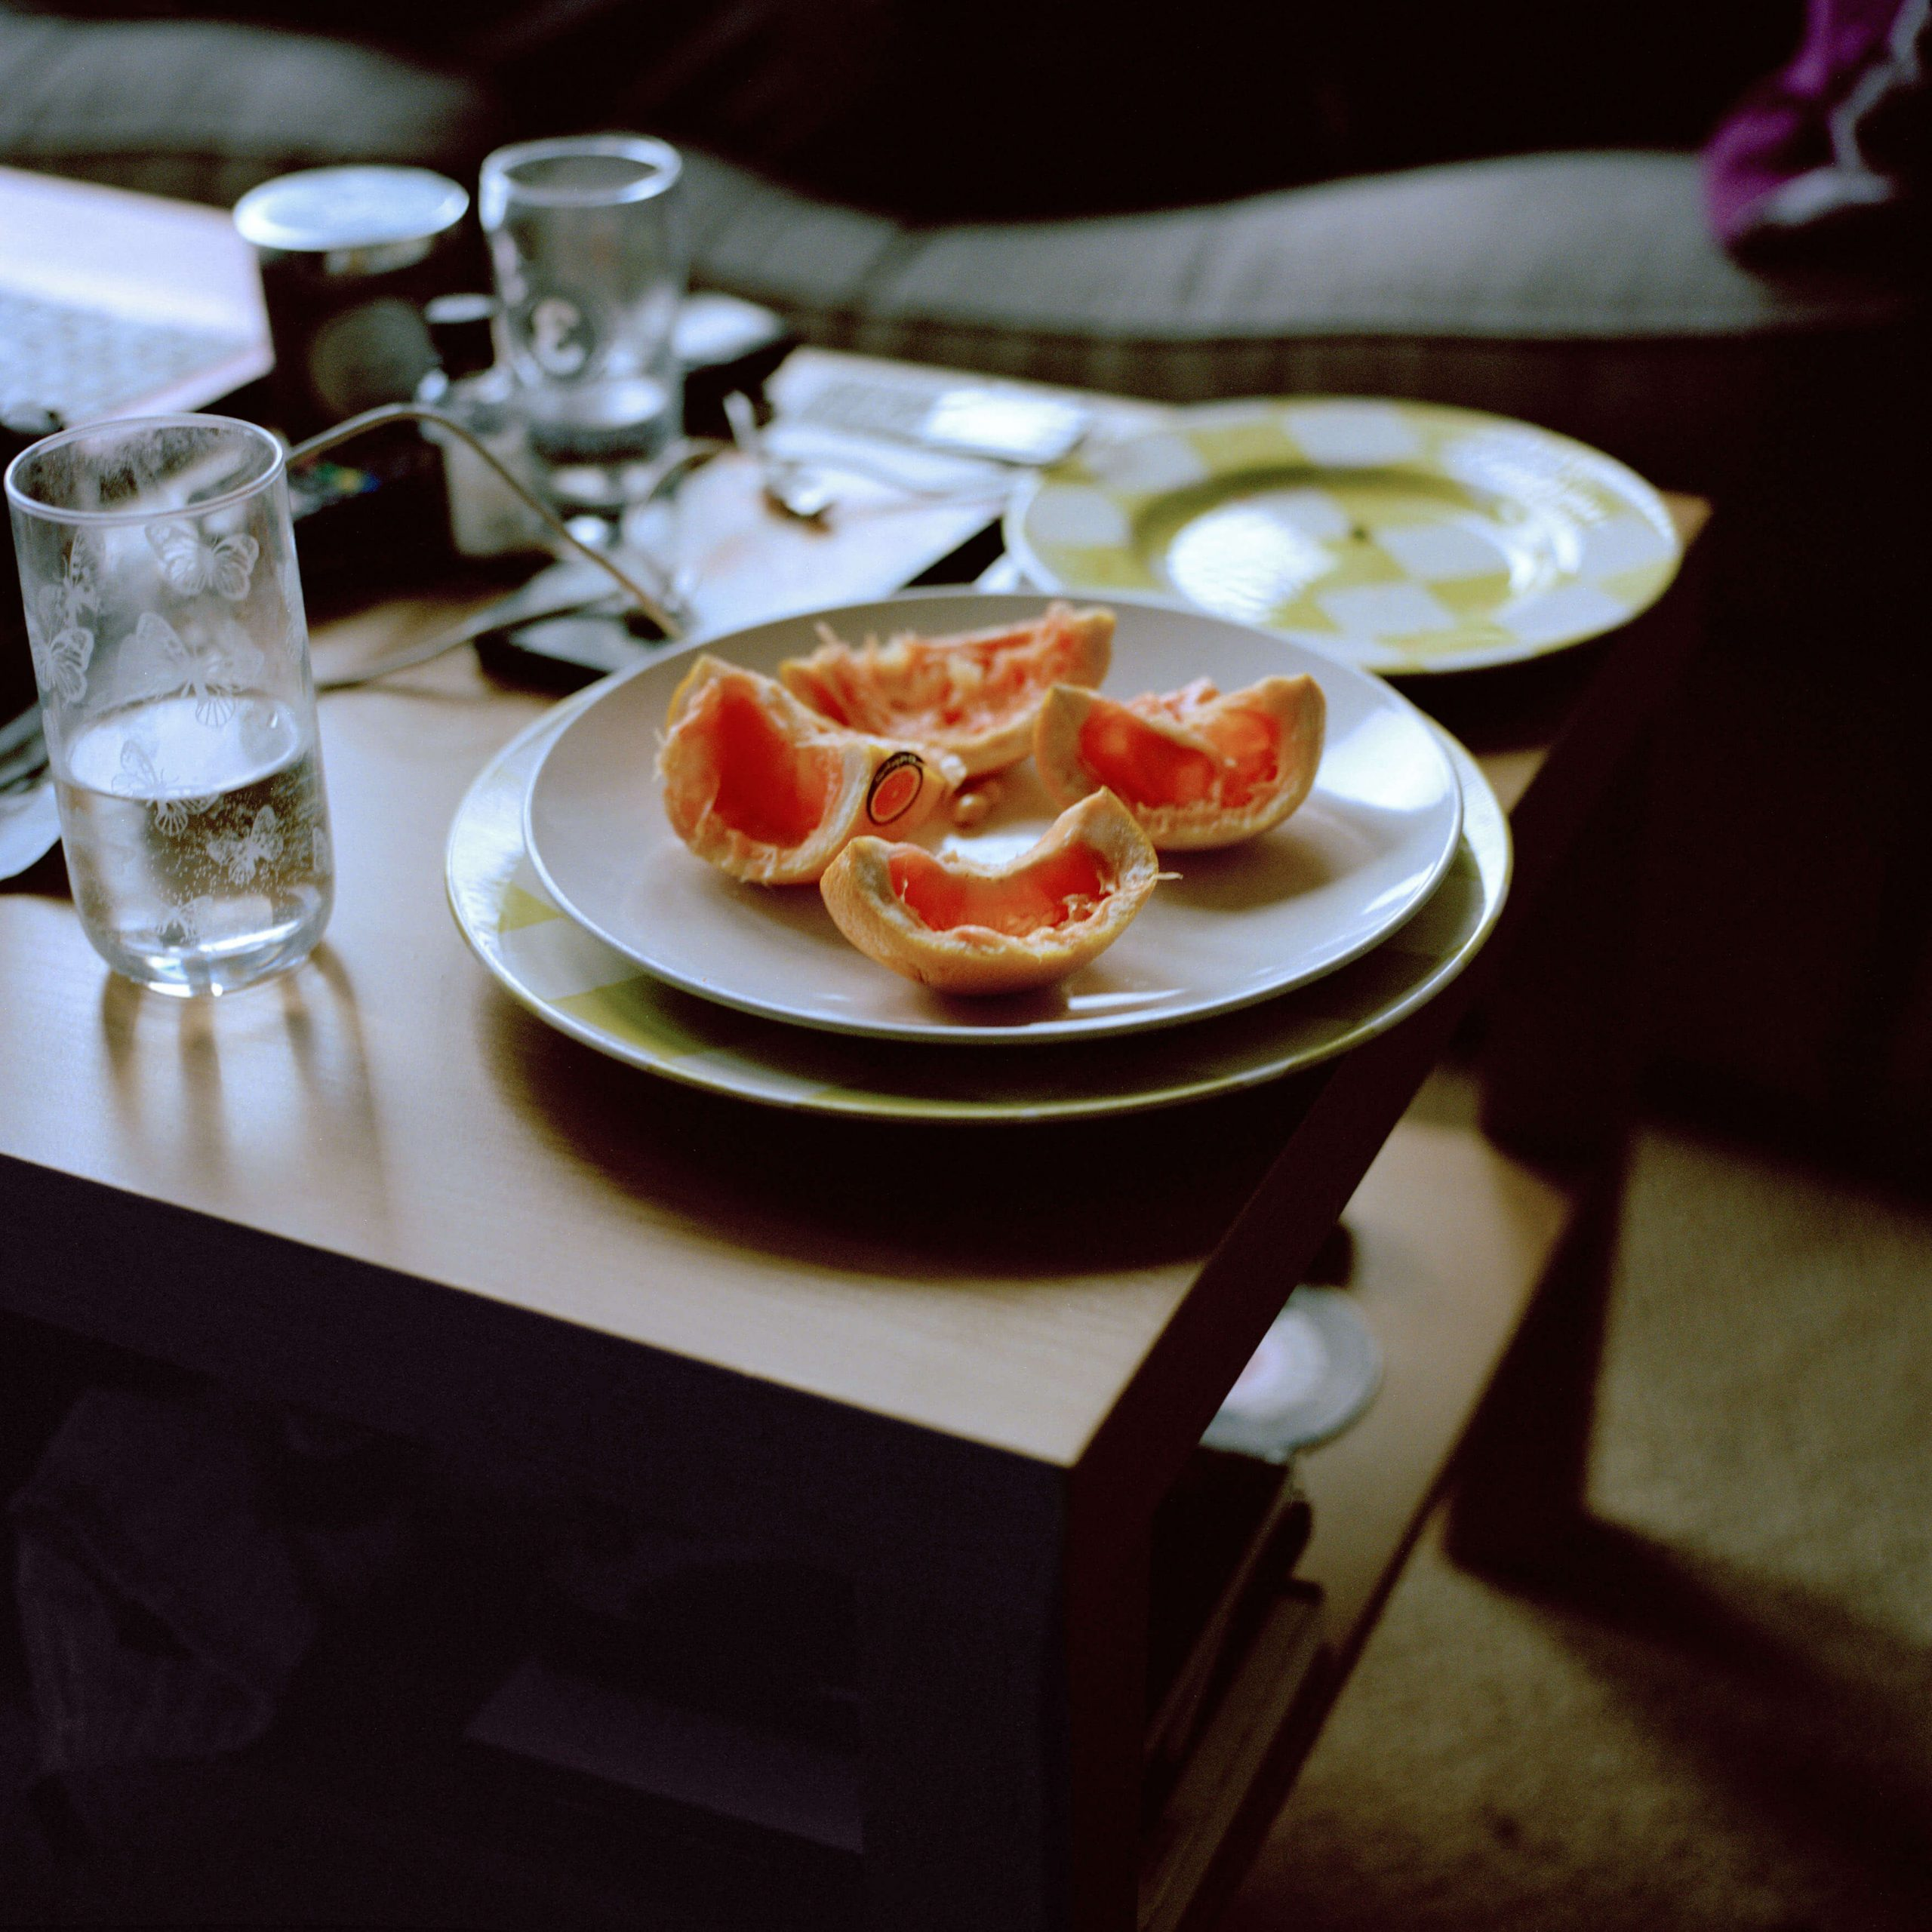 Léa Mariella - Jamie oranges on table